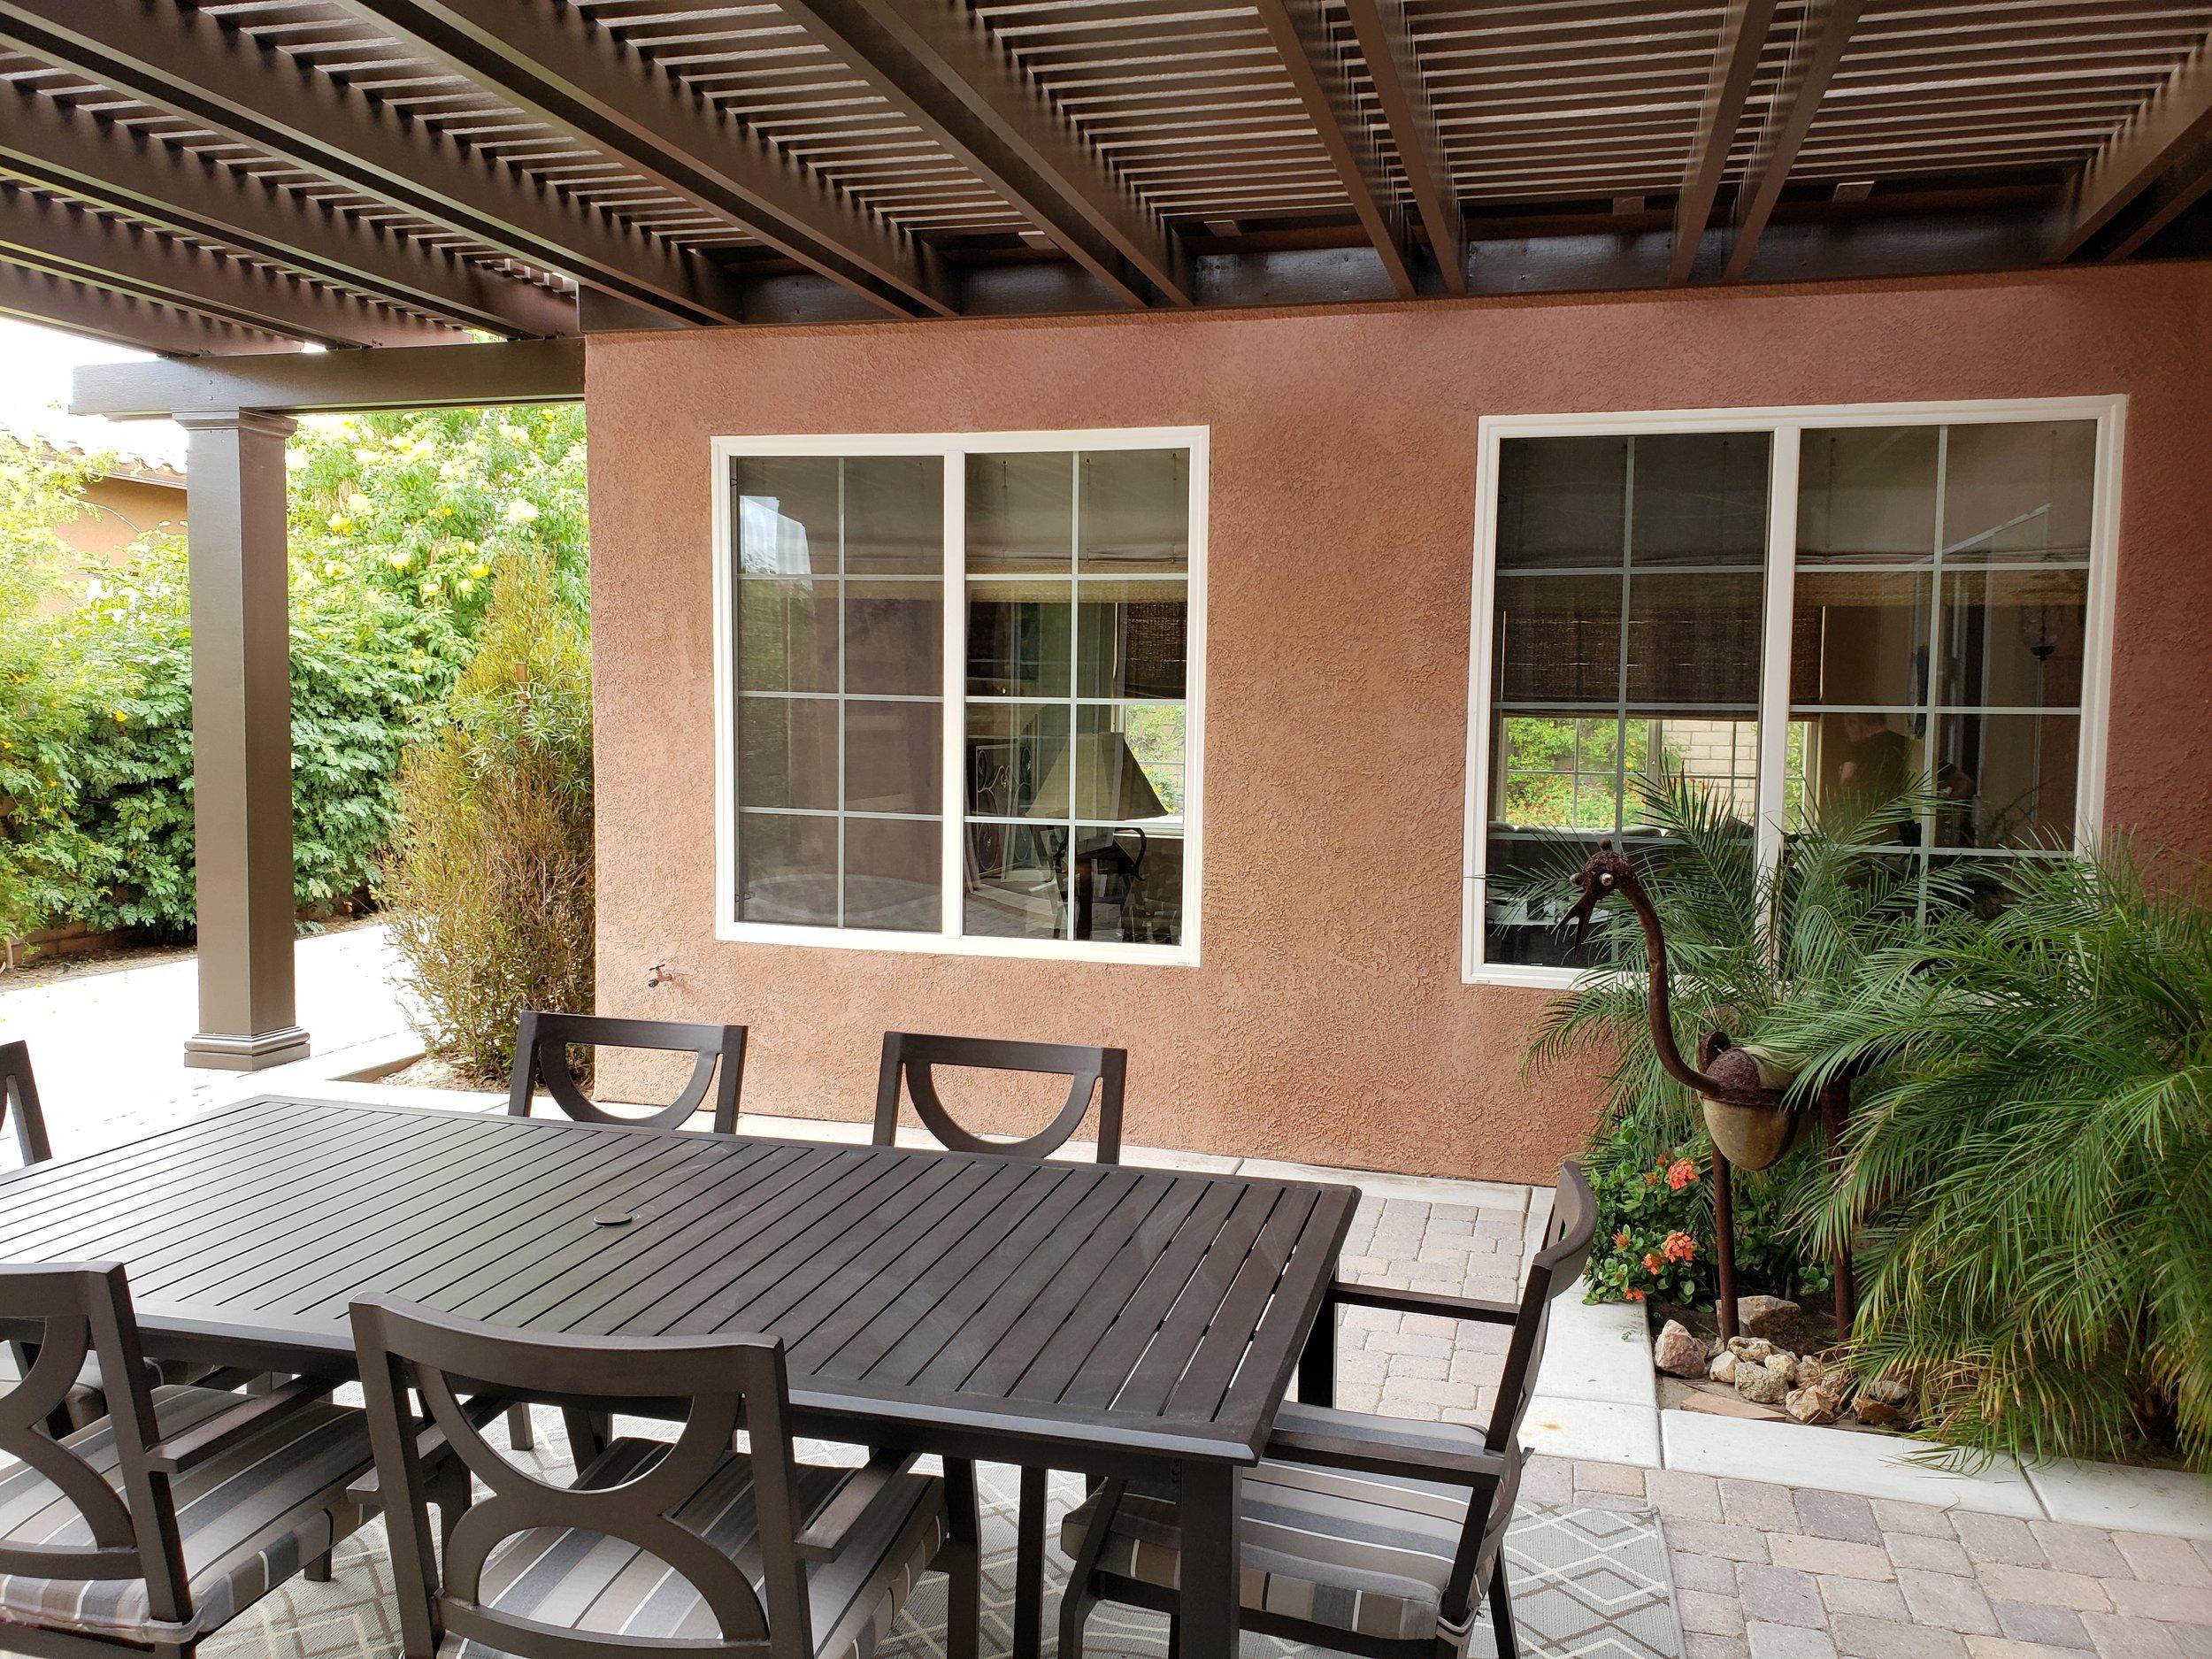 Lattice patio cover with custom square column in Yucaipa, CA